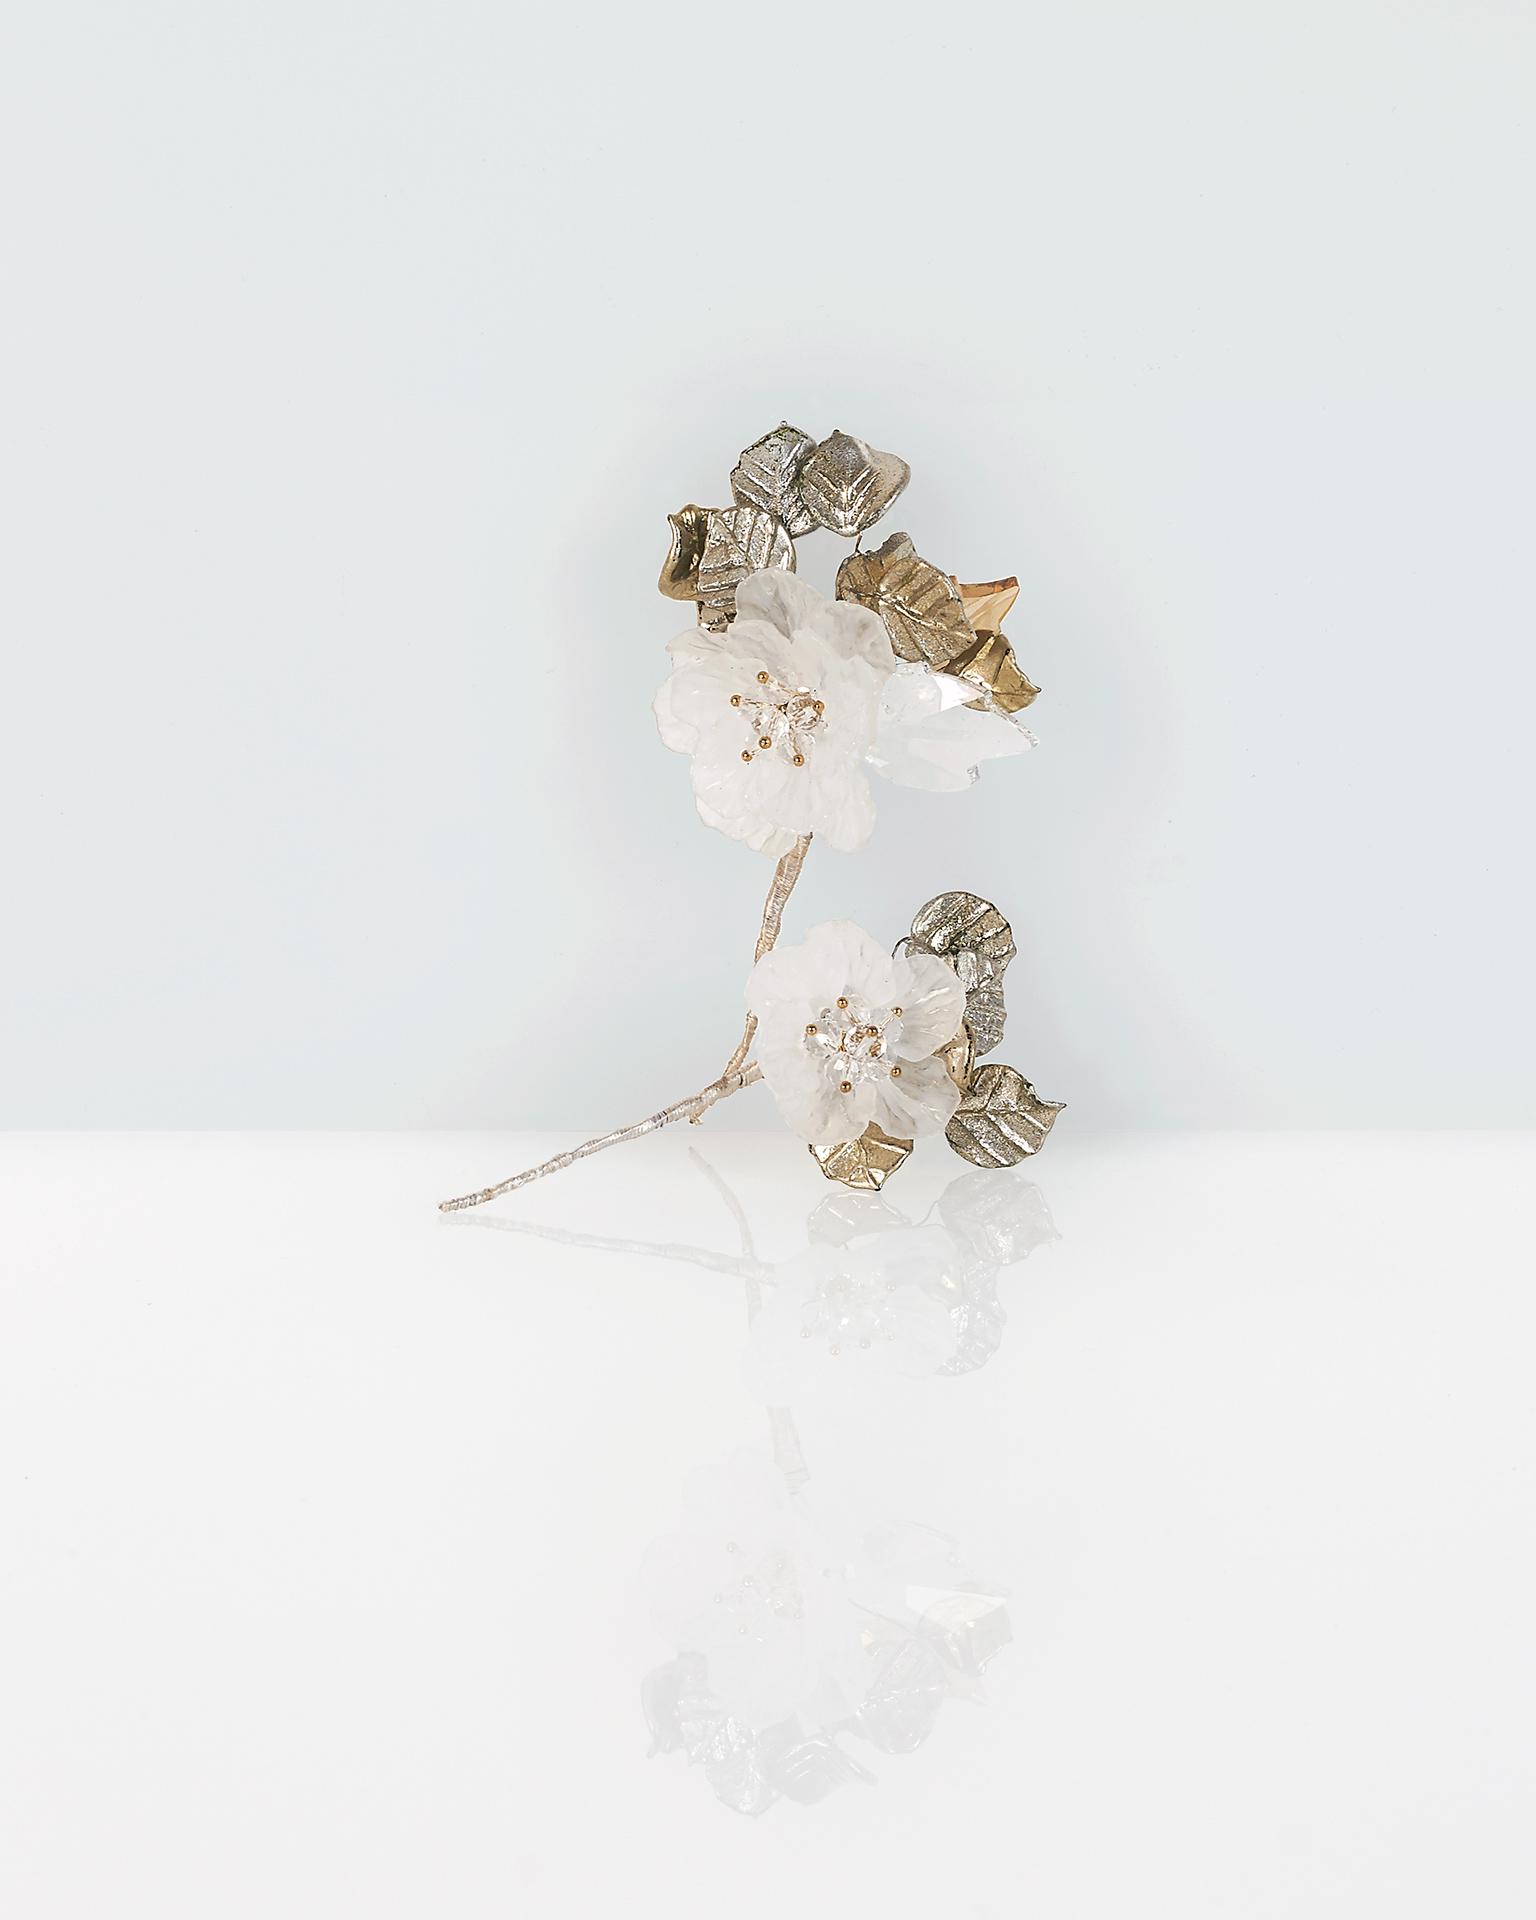 Braut-Haarstab aus Kristall und Metall, 2 Stk. Kollektion  2018.